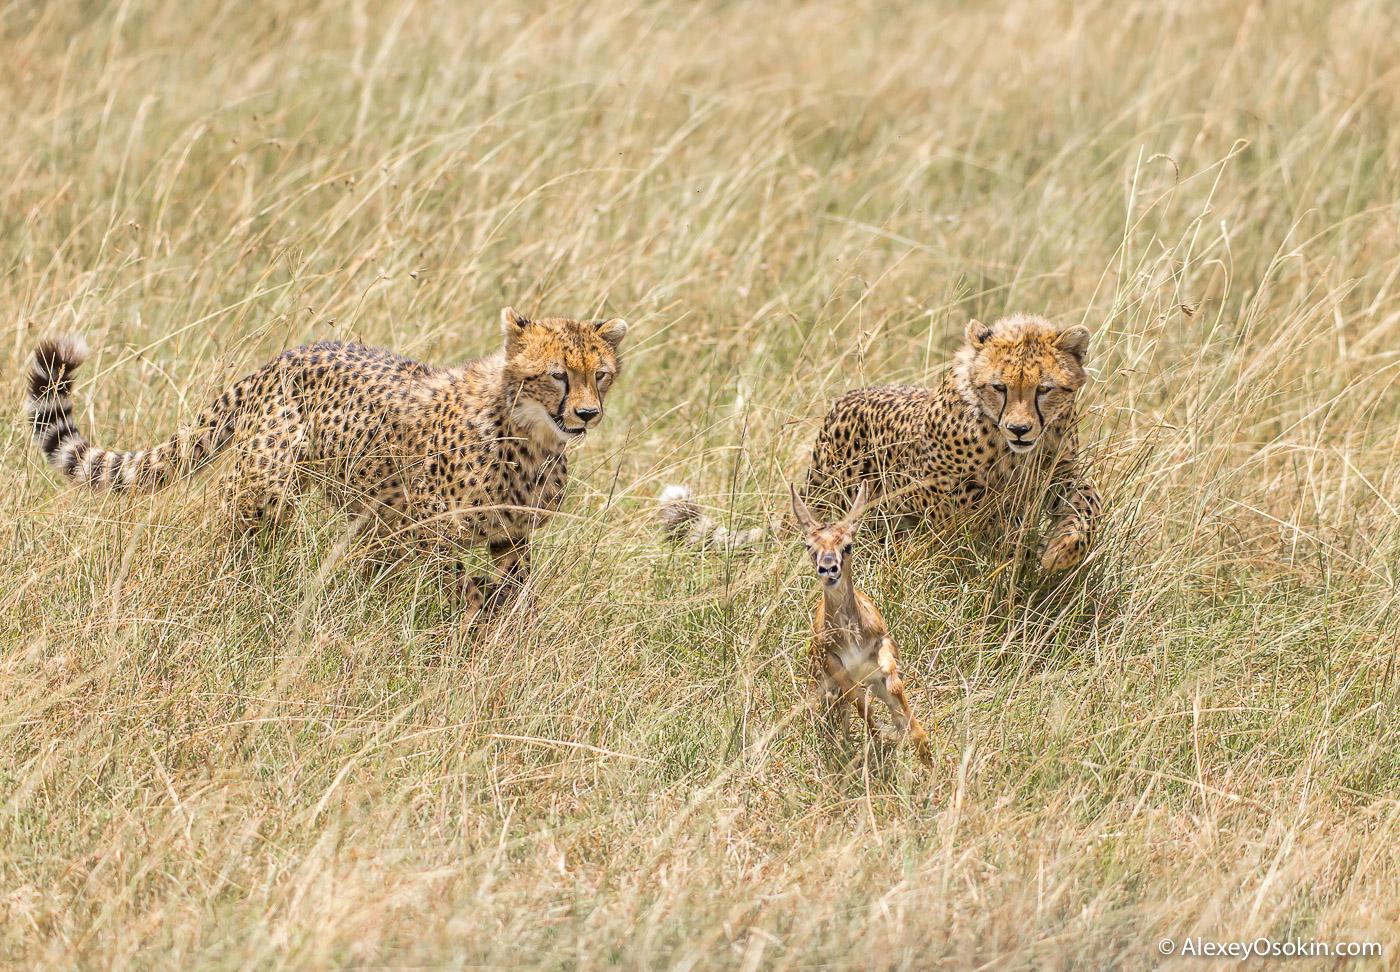 Cheetahs_kenya, mar.2016_ao-18.jpg